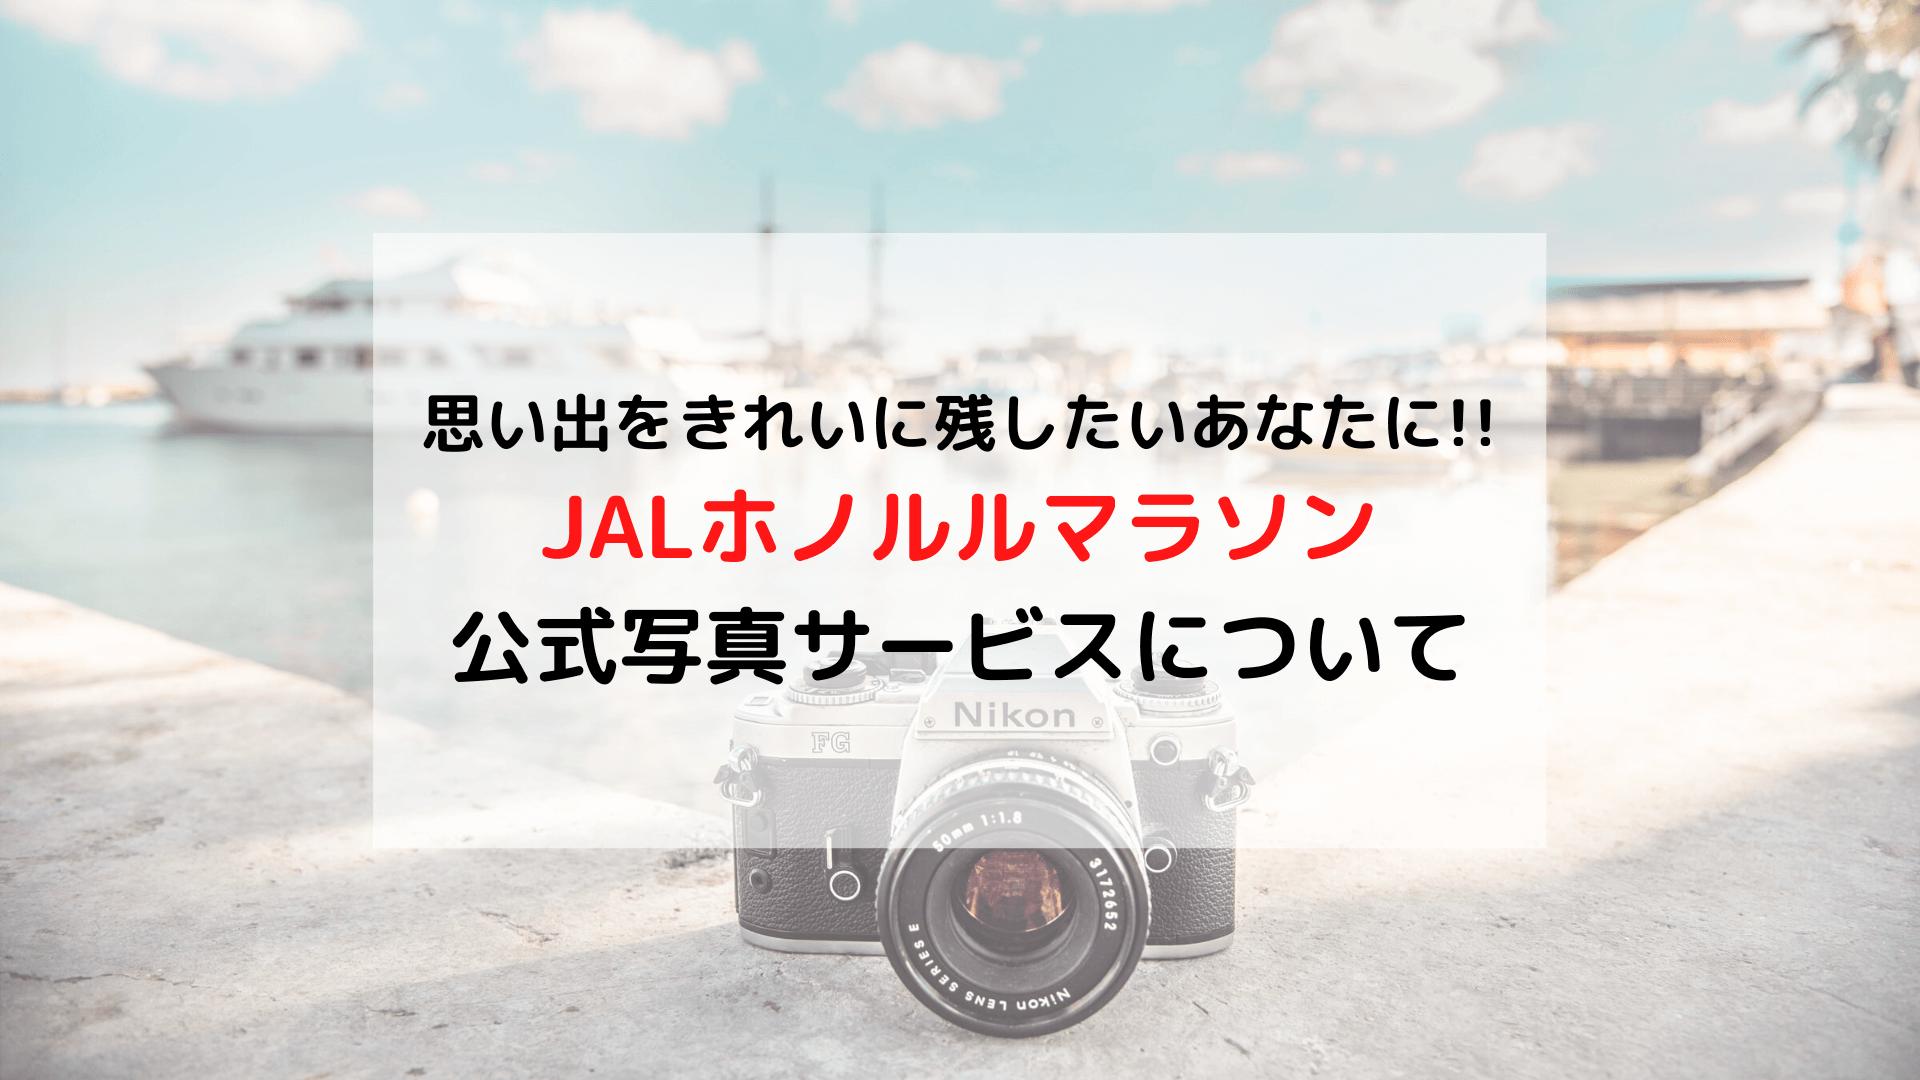 JALホノルルマラソン 公式写真サービスについて